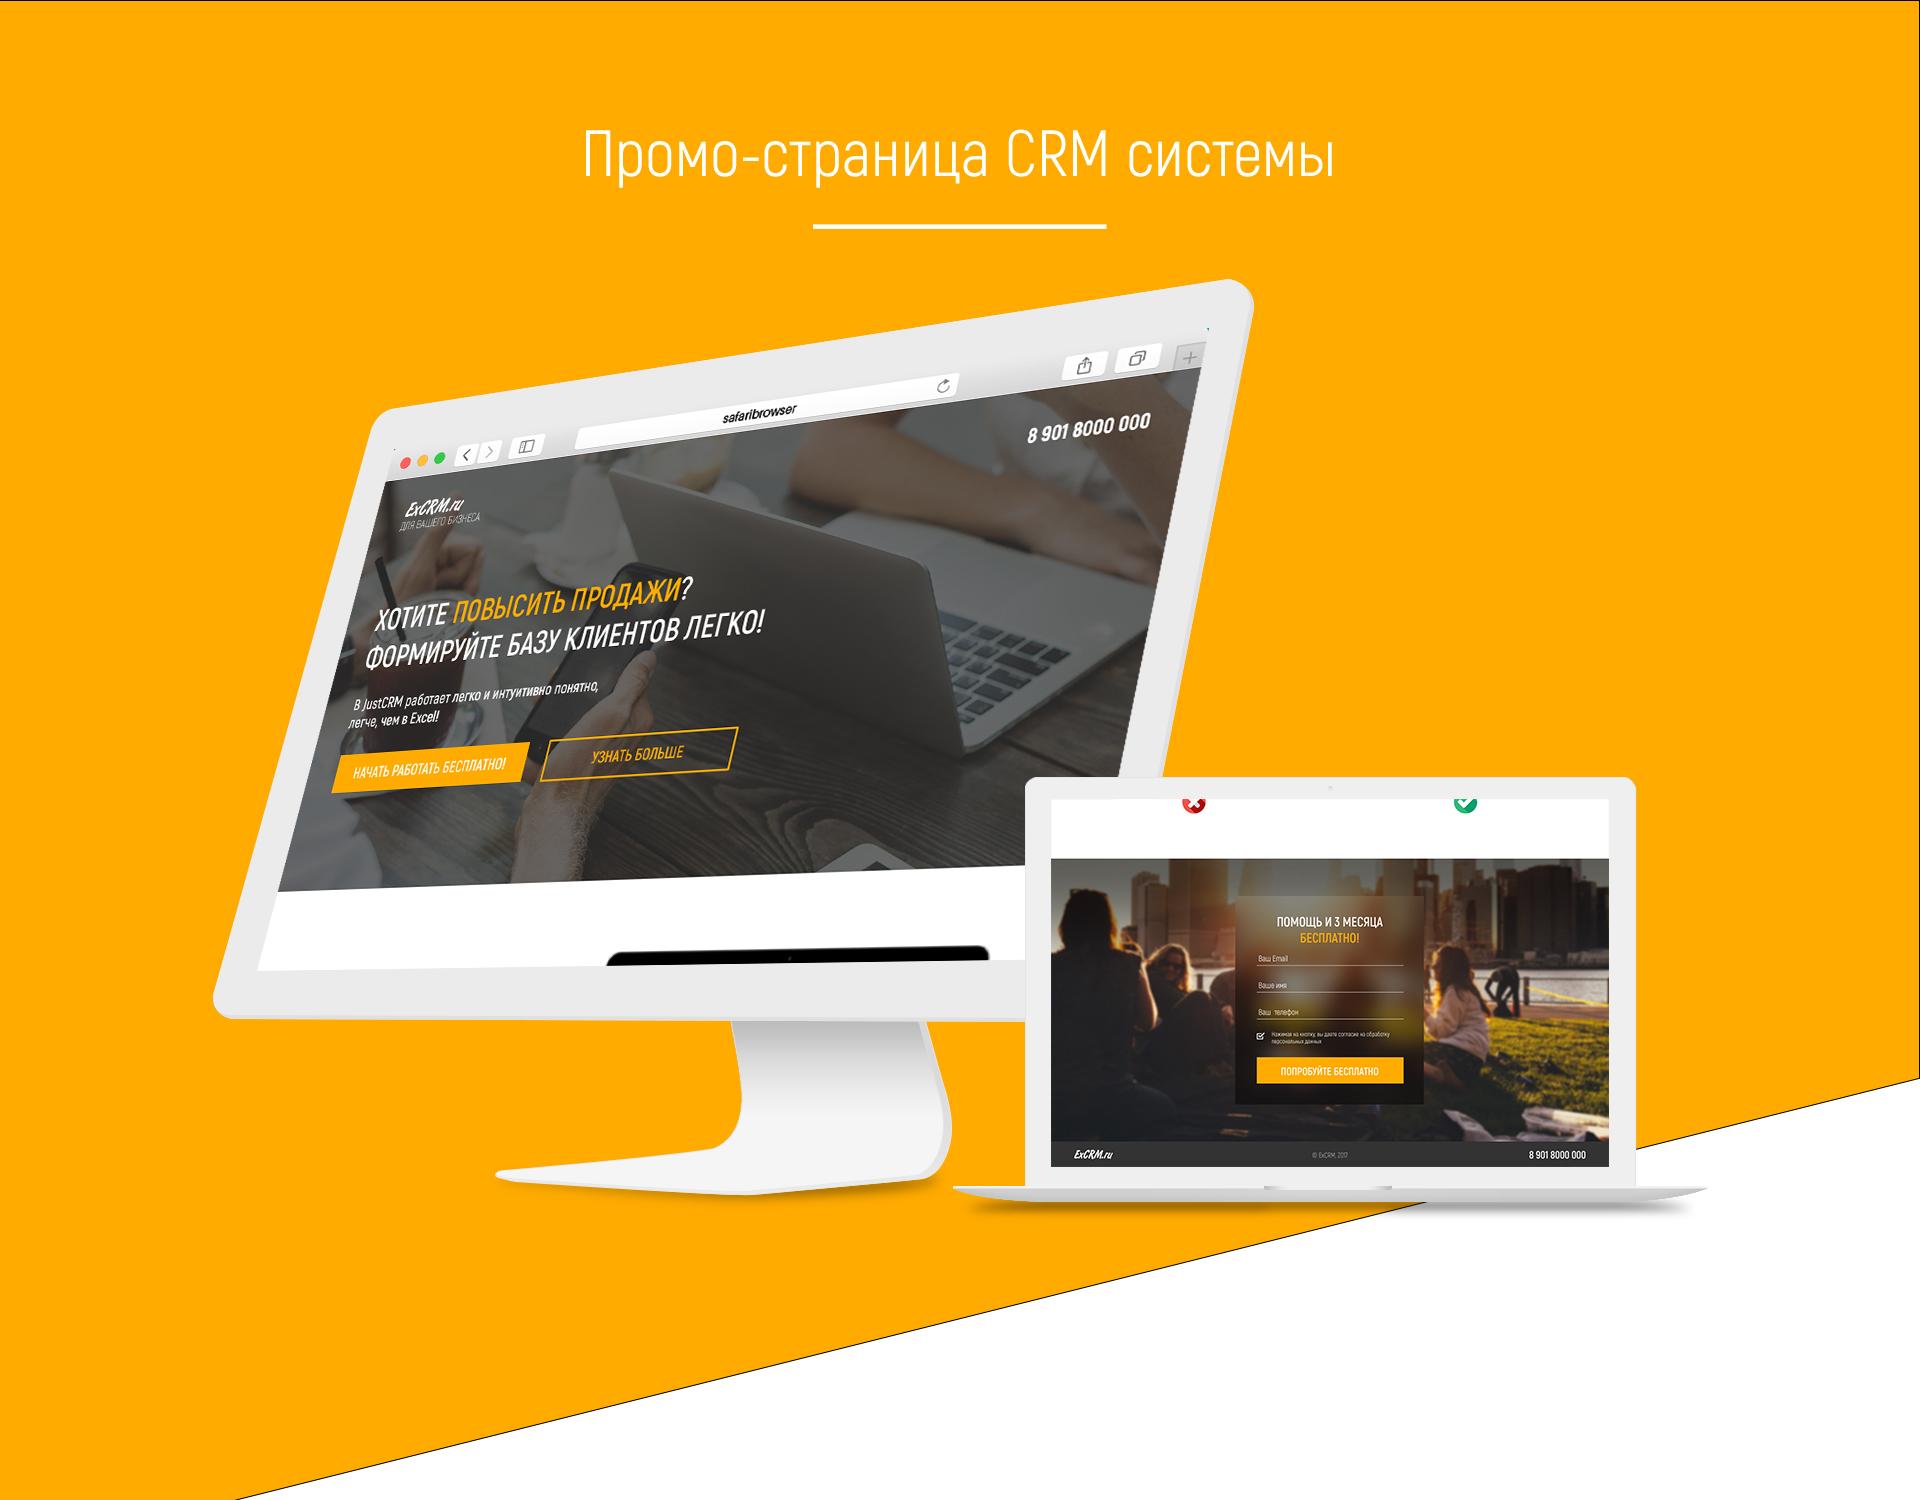 Промо-страница CRM